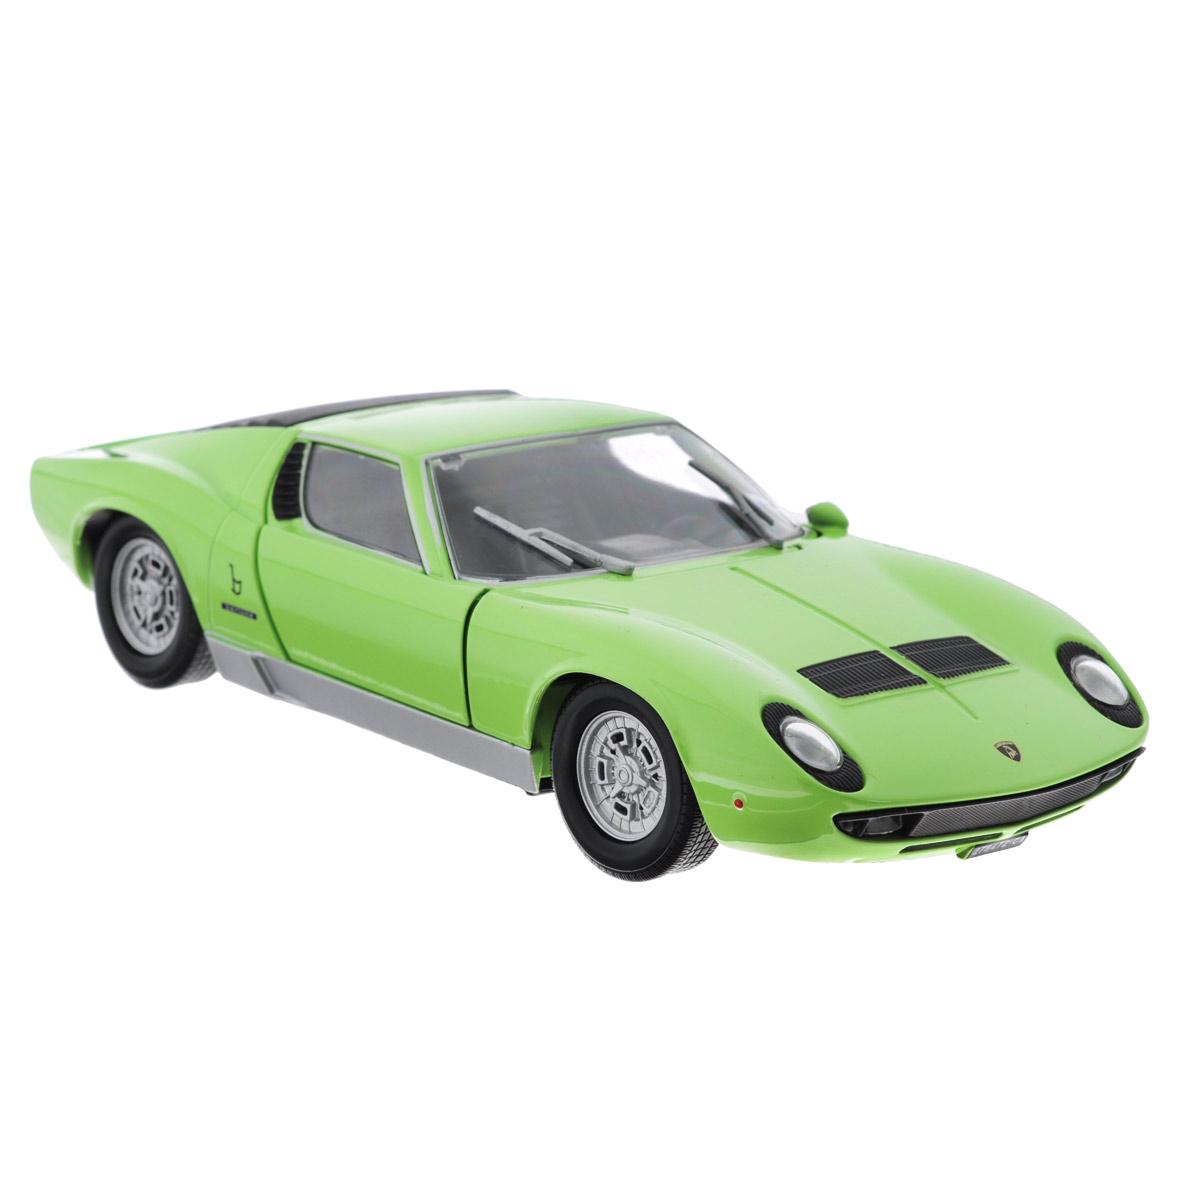 Коллекционная модель MotorMax Lamborghini Miura P 400 S, цвет: светло-зеленый. Масштаб 1/24 коллекционная модель грузовика с полуприцепом motormax